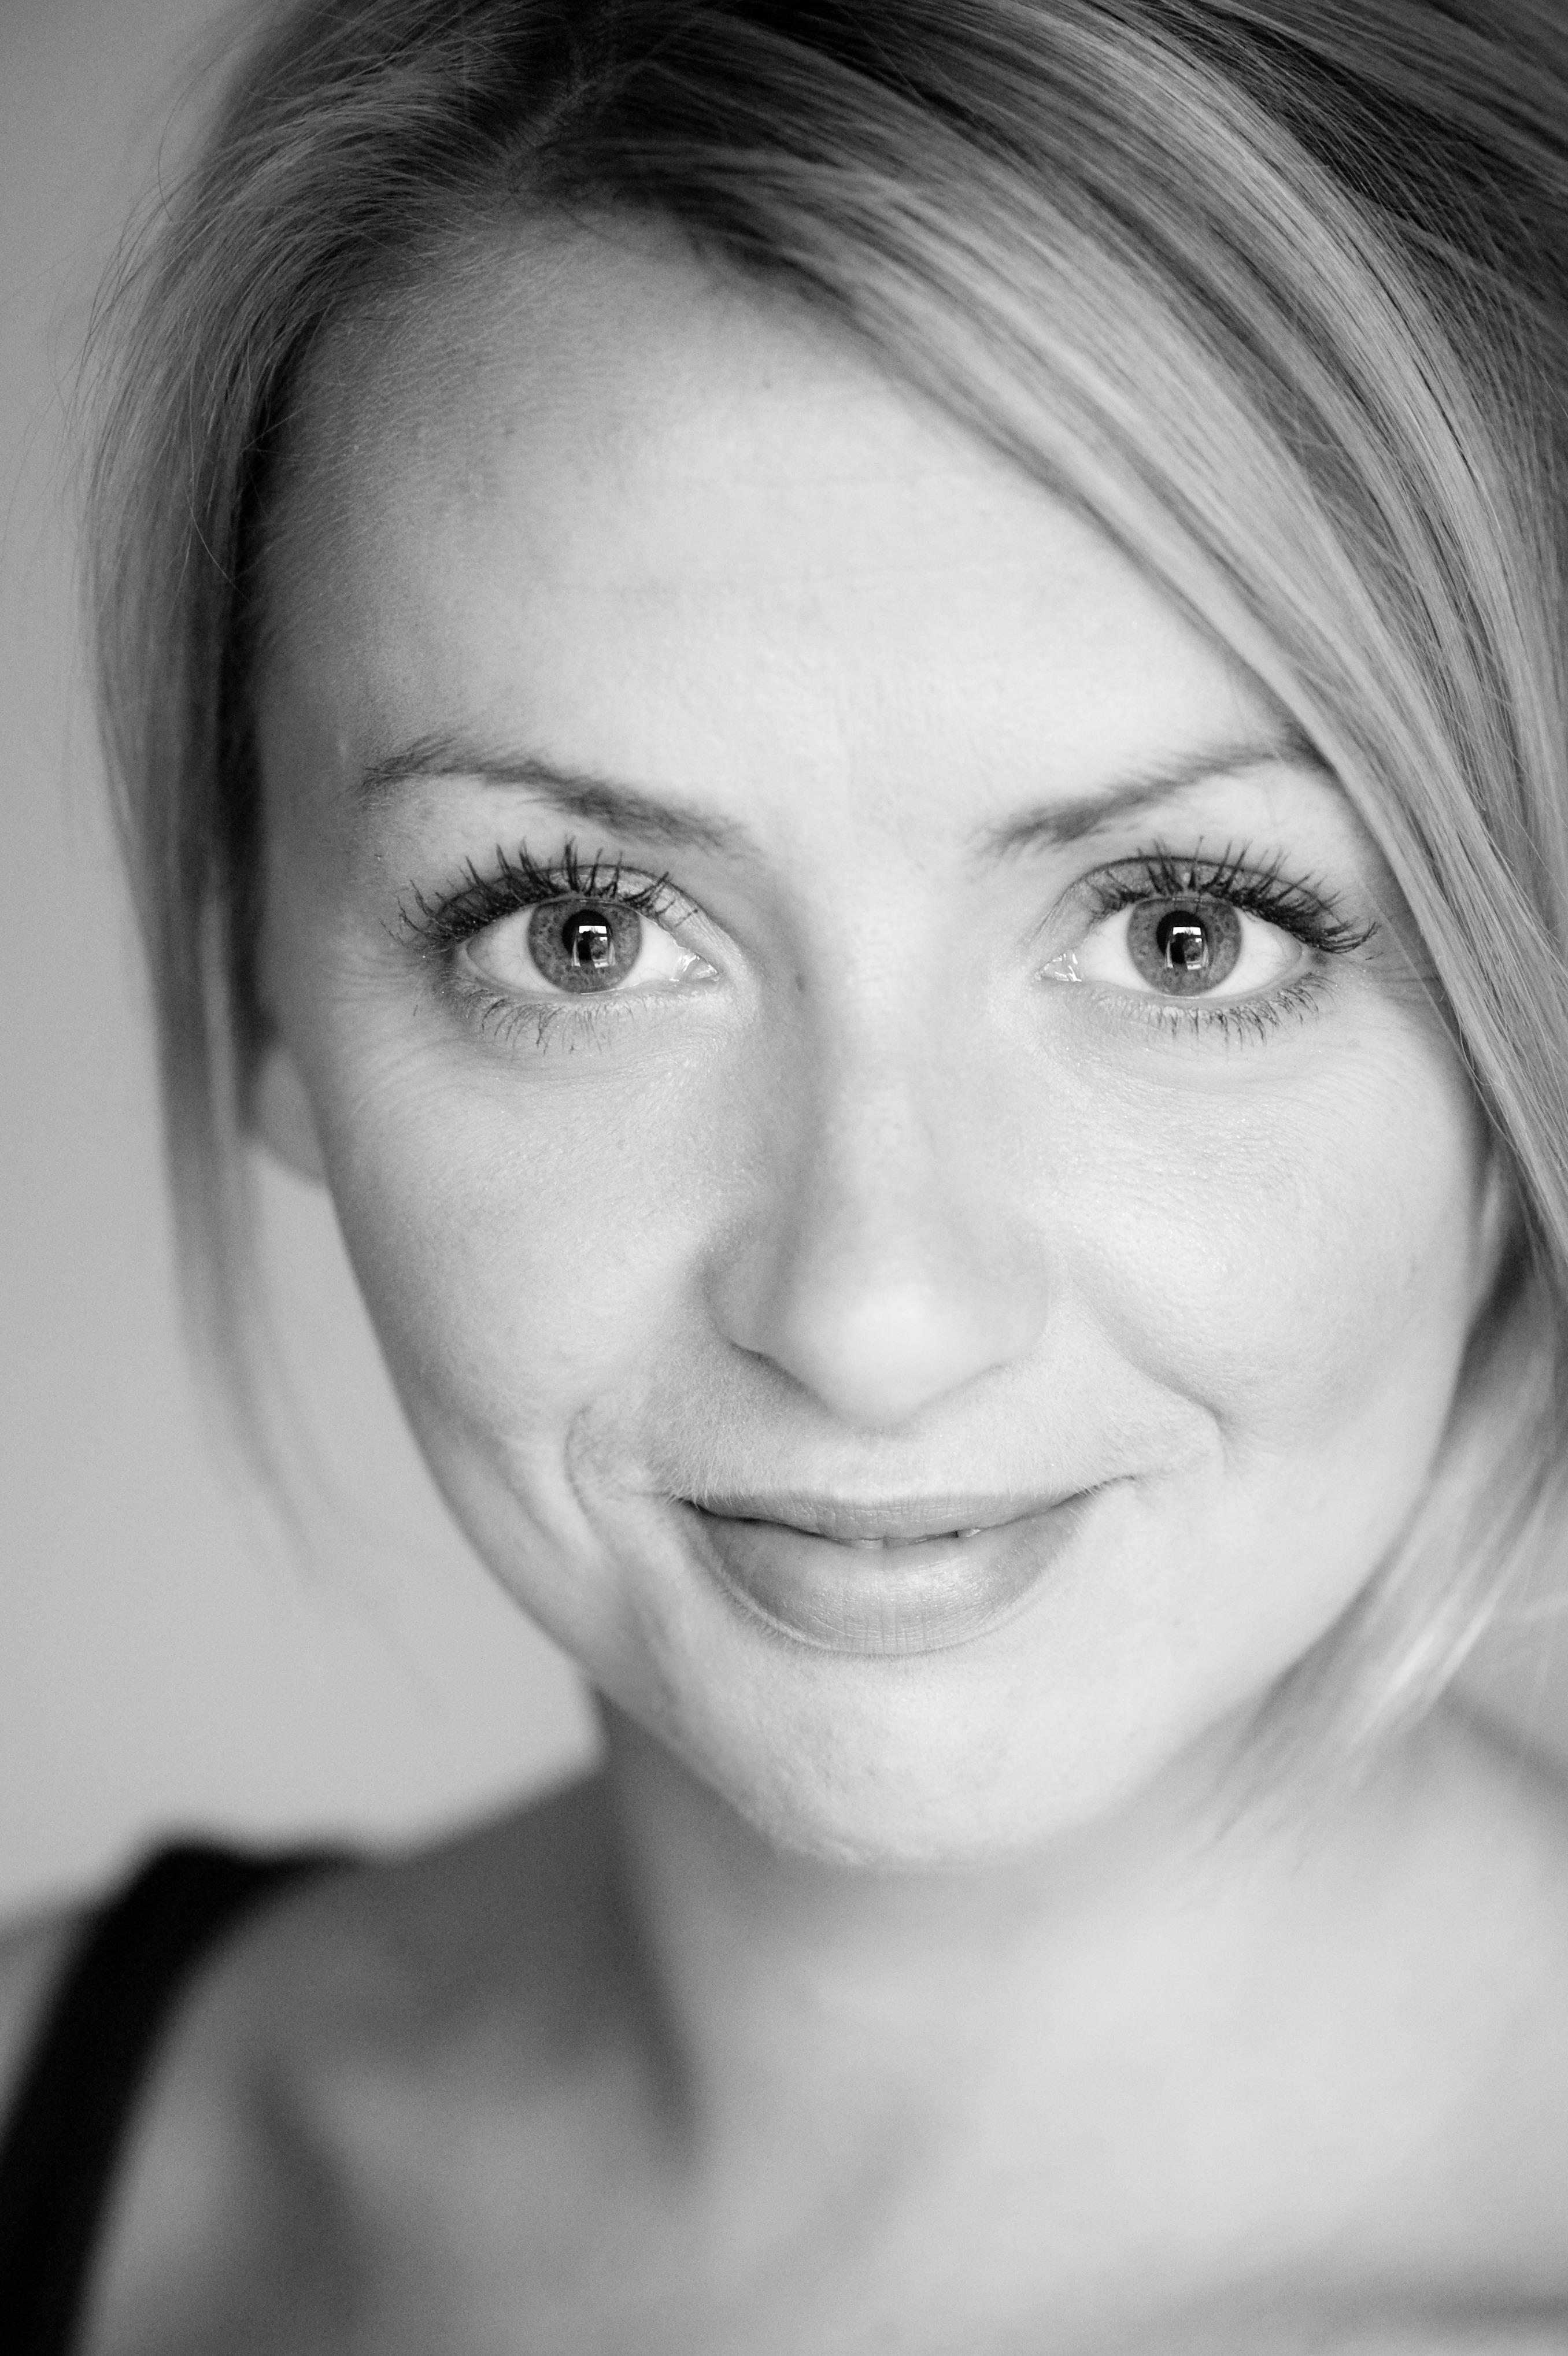 lisa mcgrillis actress